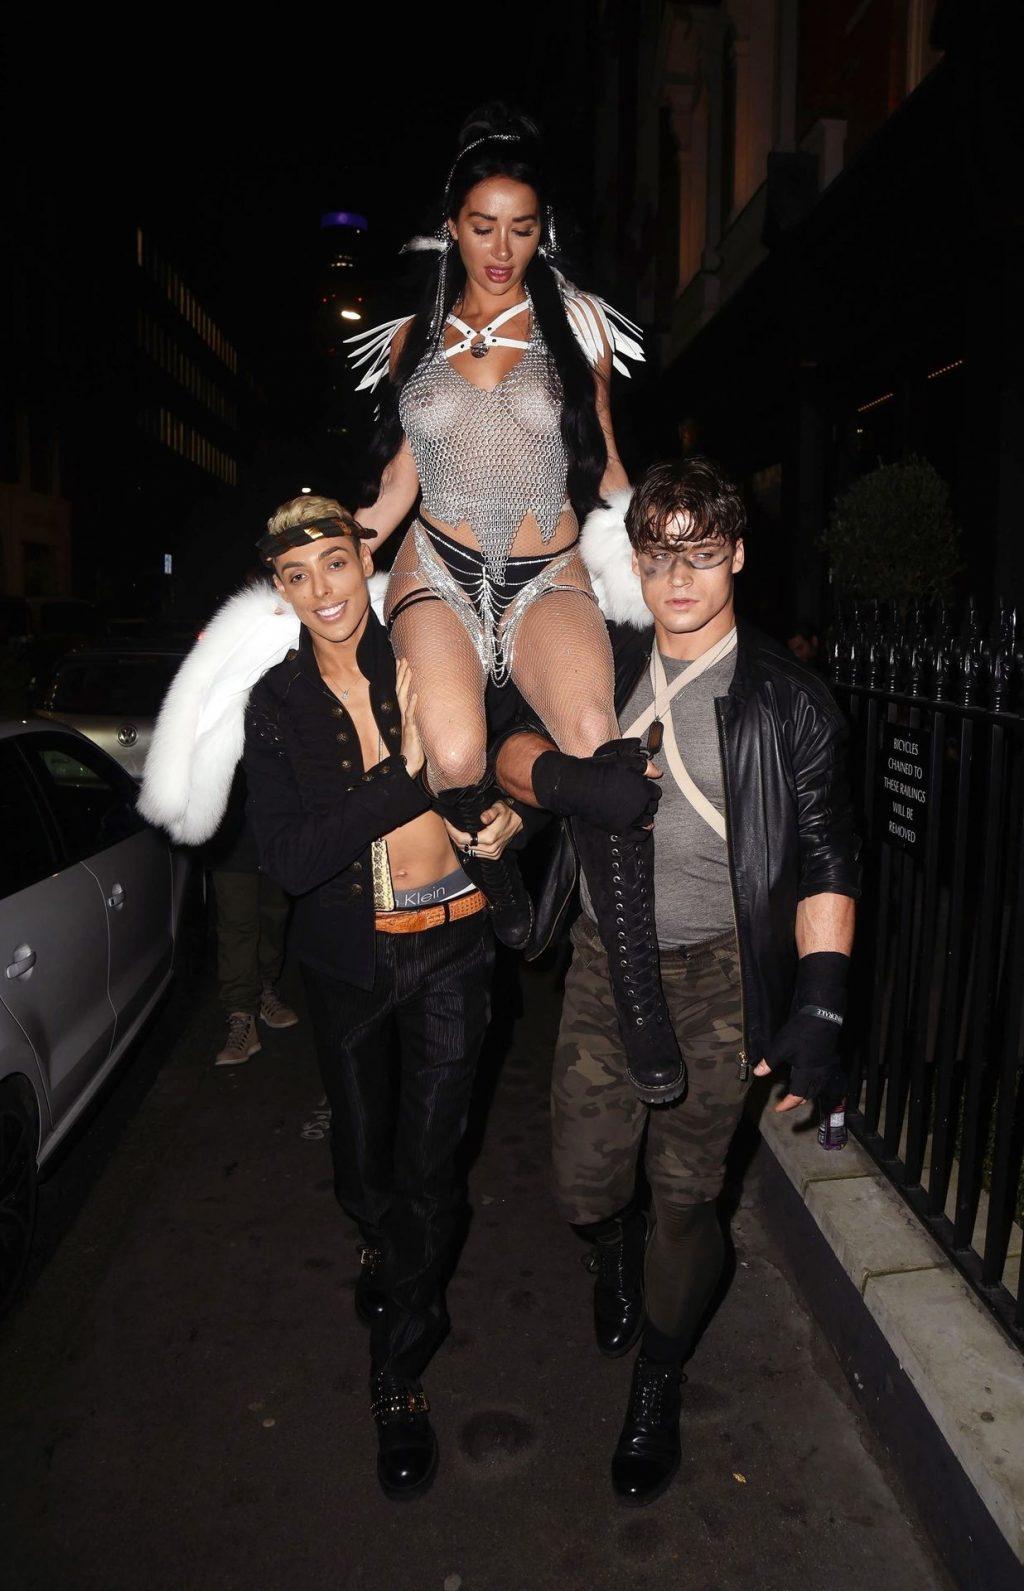 Natasha Grano Flaunts Her Tits at the Birthday Party (47 New Photos)